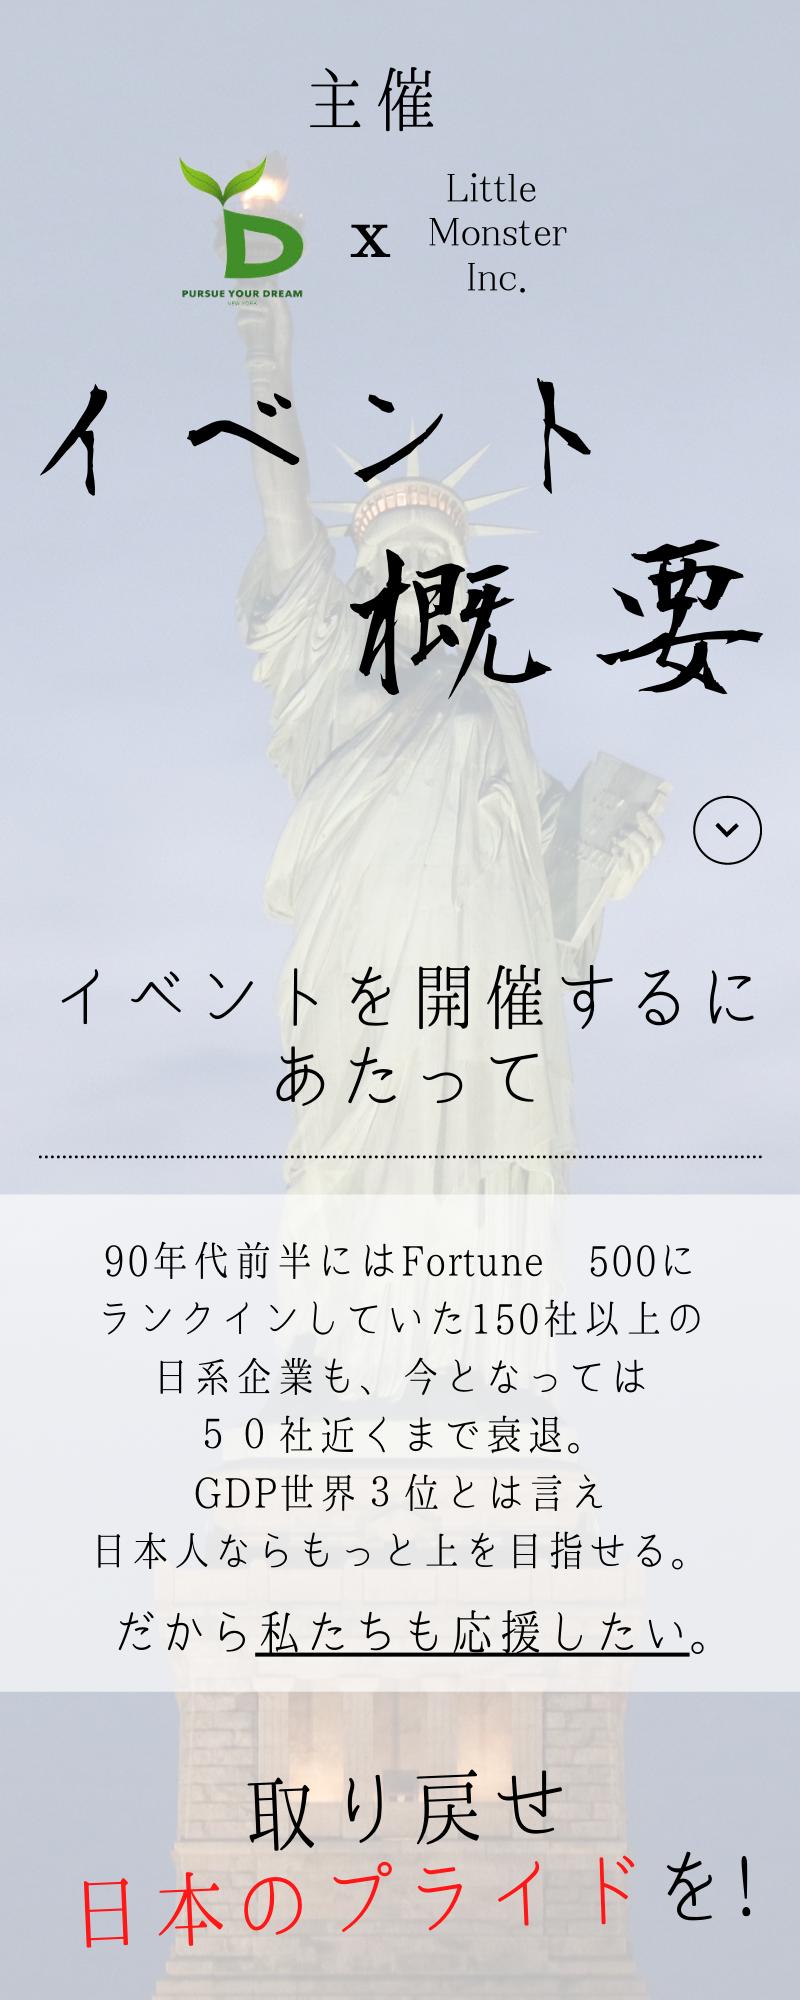 90年代前半にはFortune 500に ランクインしていた150社以上の 日系企業も、今となっては 50社近くまで衰退。 GDP世界3位とは言え 日本人ならもっと上を目指せる。 だから私たち.png